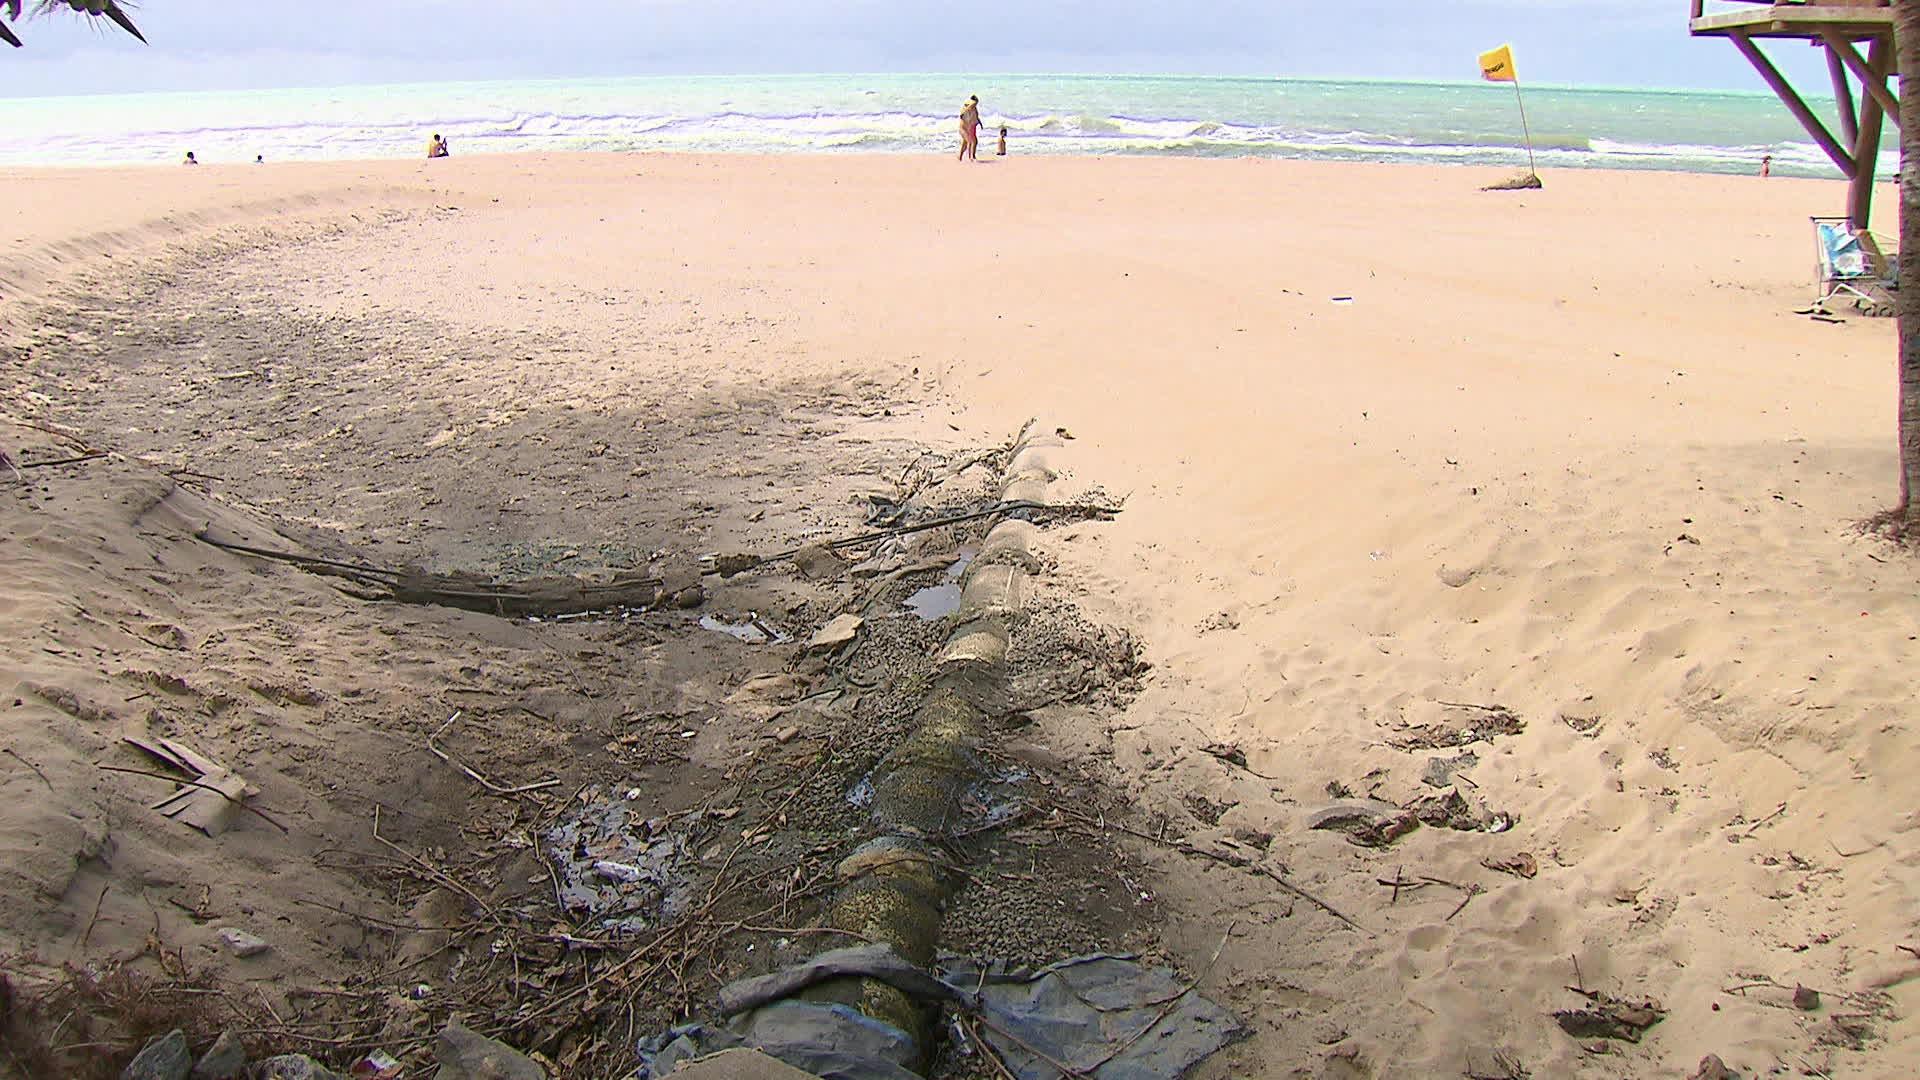 Reaberta ao público, praia de Boa Viagem tem lixo, água suja na areia, tubulação exposta e bancos quebrados